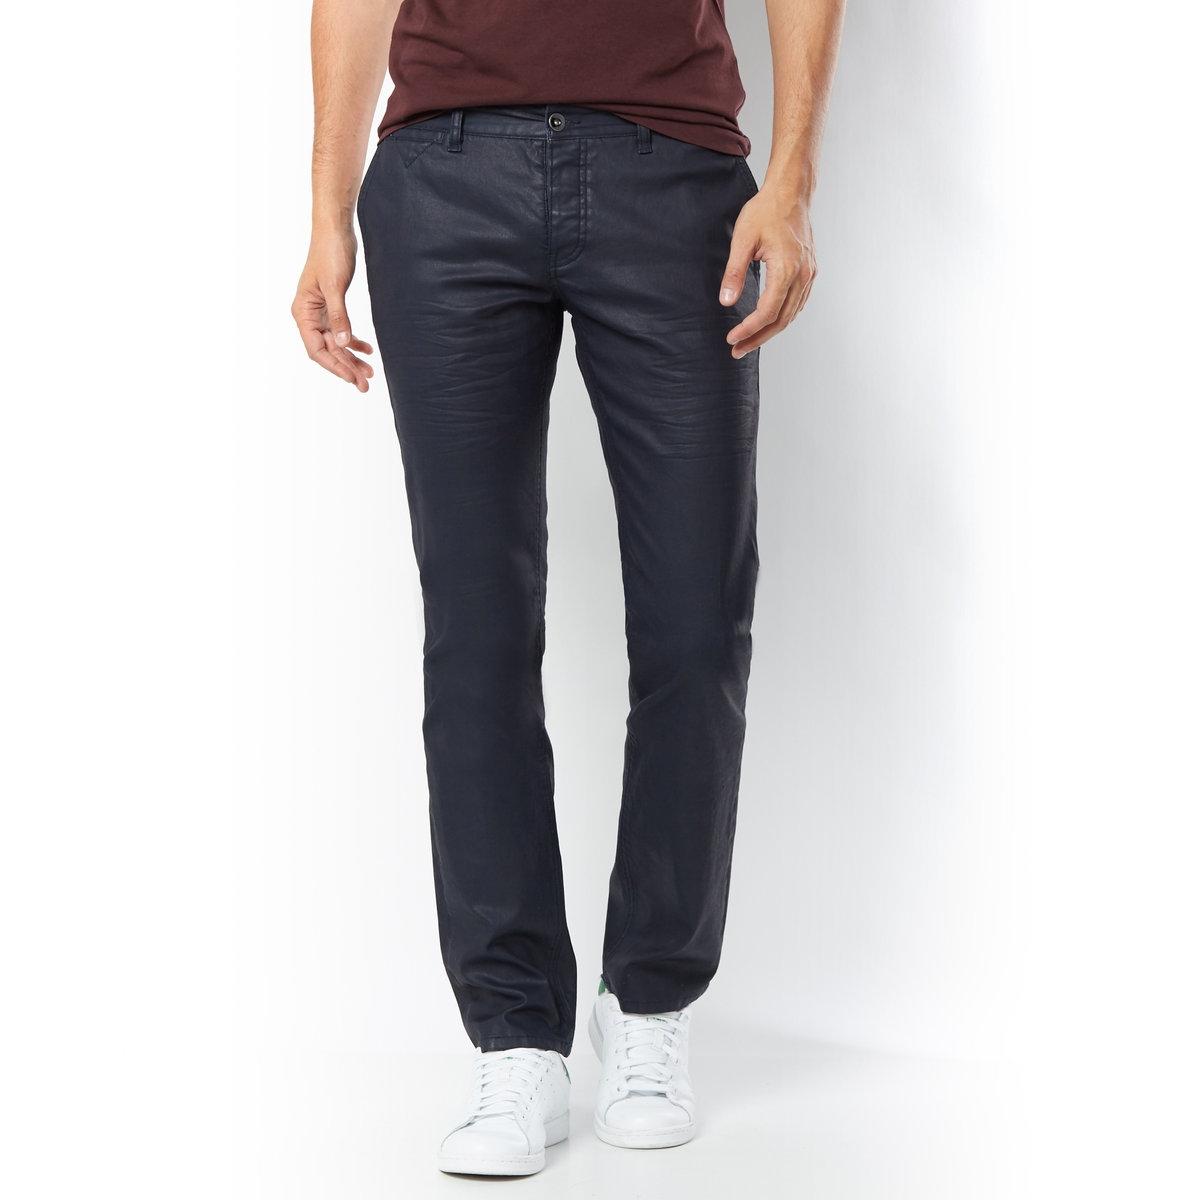 Джинсы узкие, длина 34Узкие джинсы из 100% хлопка. 2 кармана с отделкой кантом спереди и 2 накладных кармана сзади. Отрезные детали на коленях. Длина 34. Длина по внутр.шву 86 см. Ширина по низу 18,5 см.<br><br>Цвет: темно-синий<br>Размер: 36 (FR) - 42 (RUS)